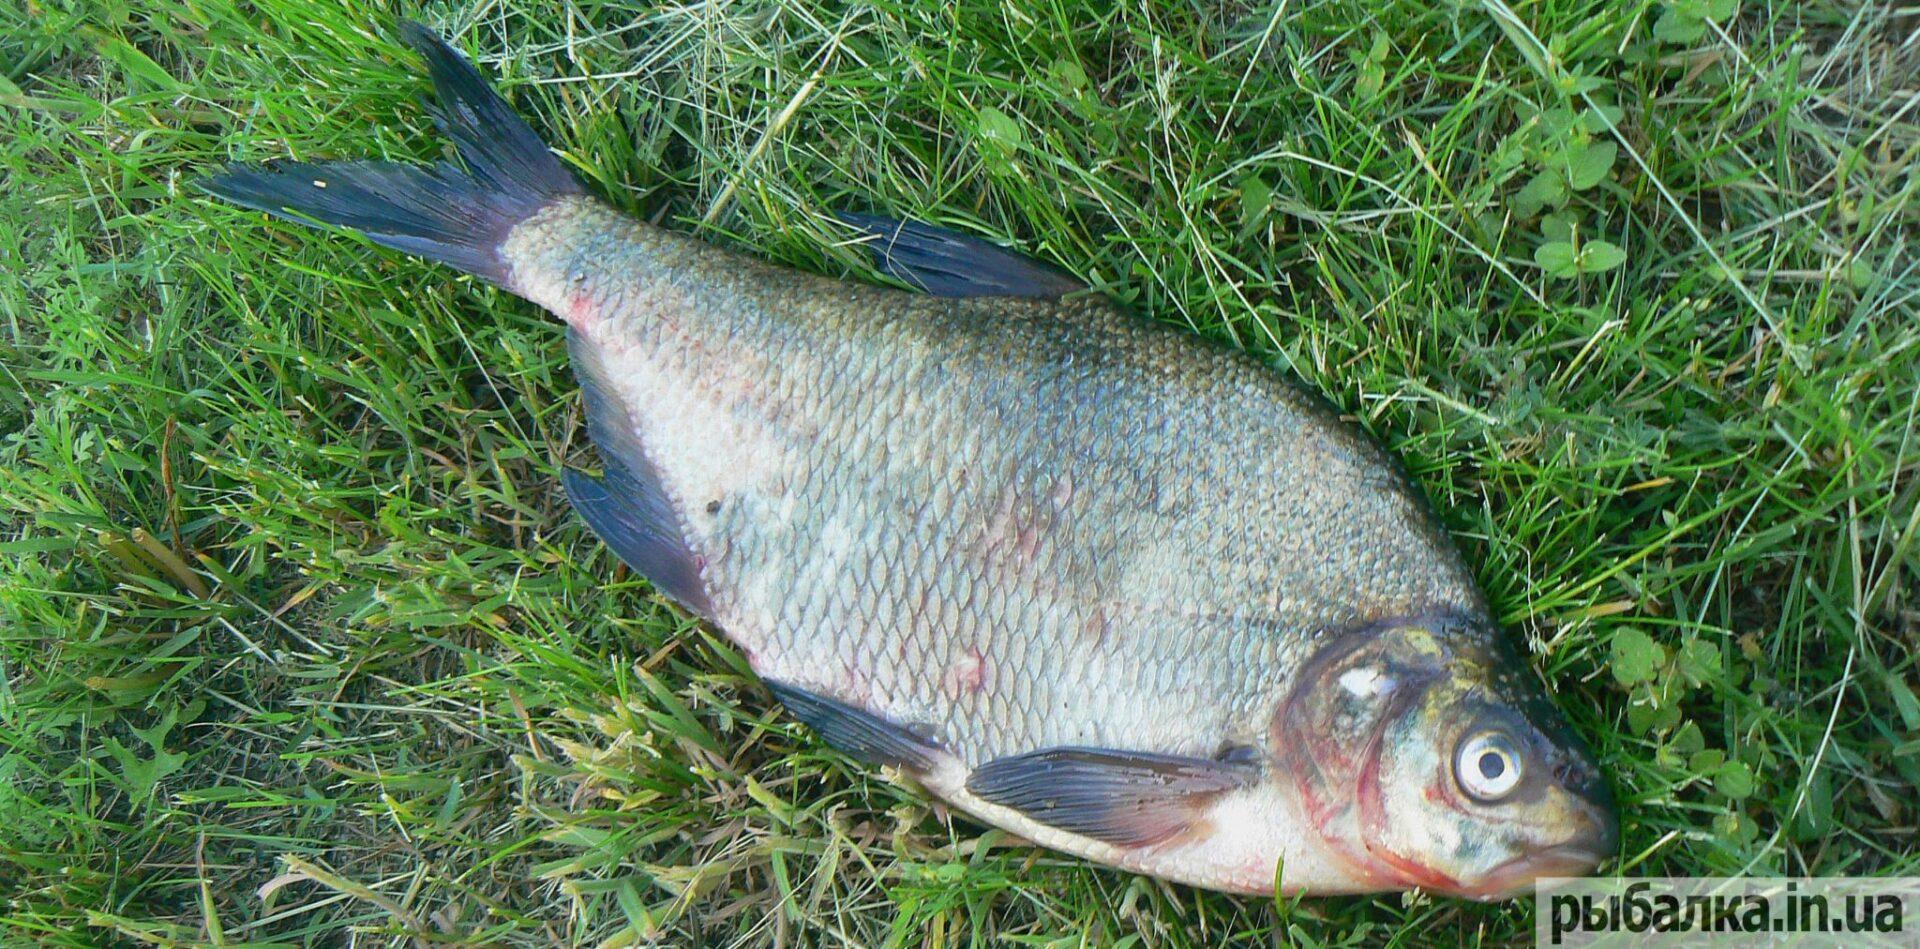 будет ли клевать рыба в жару